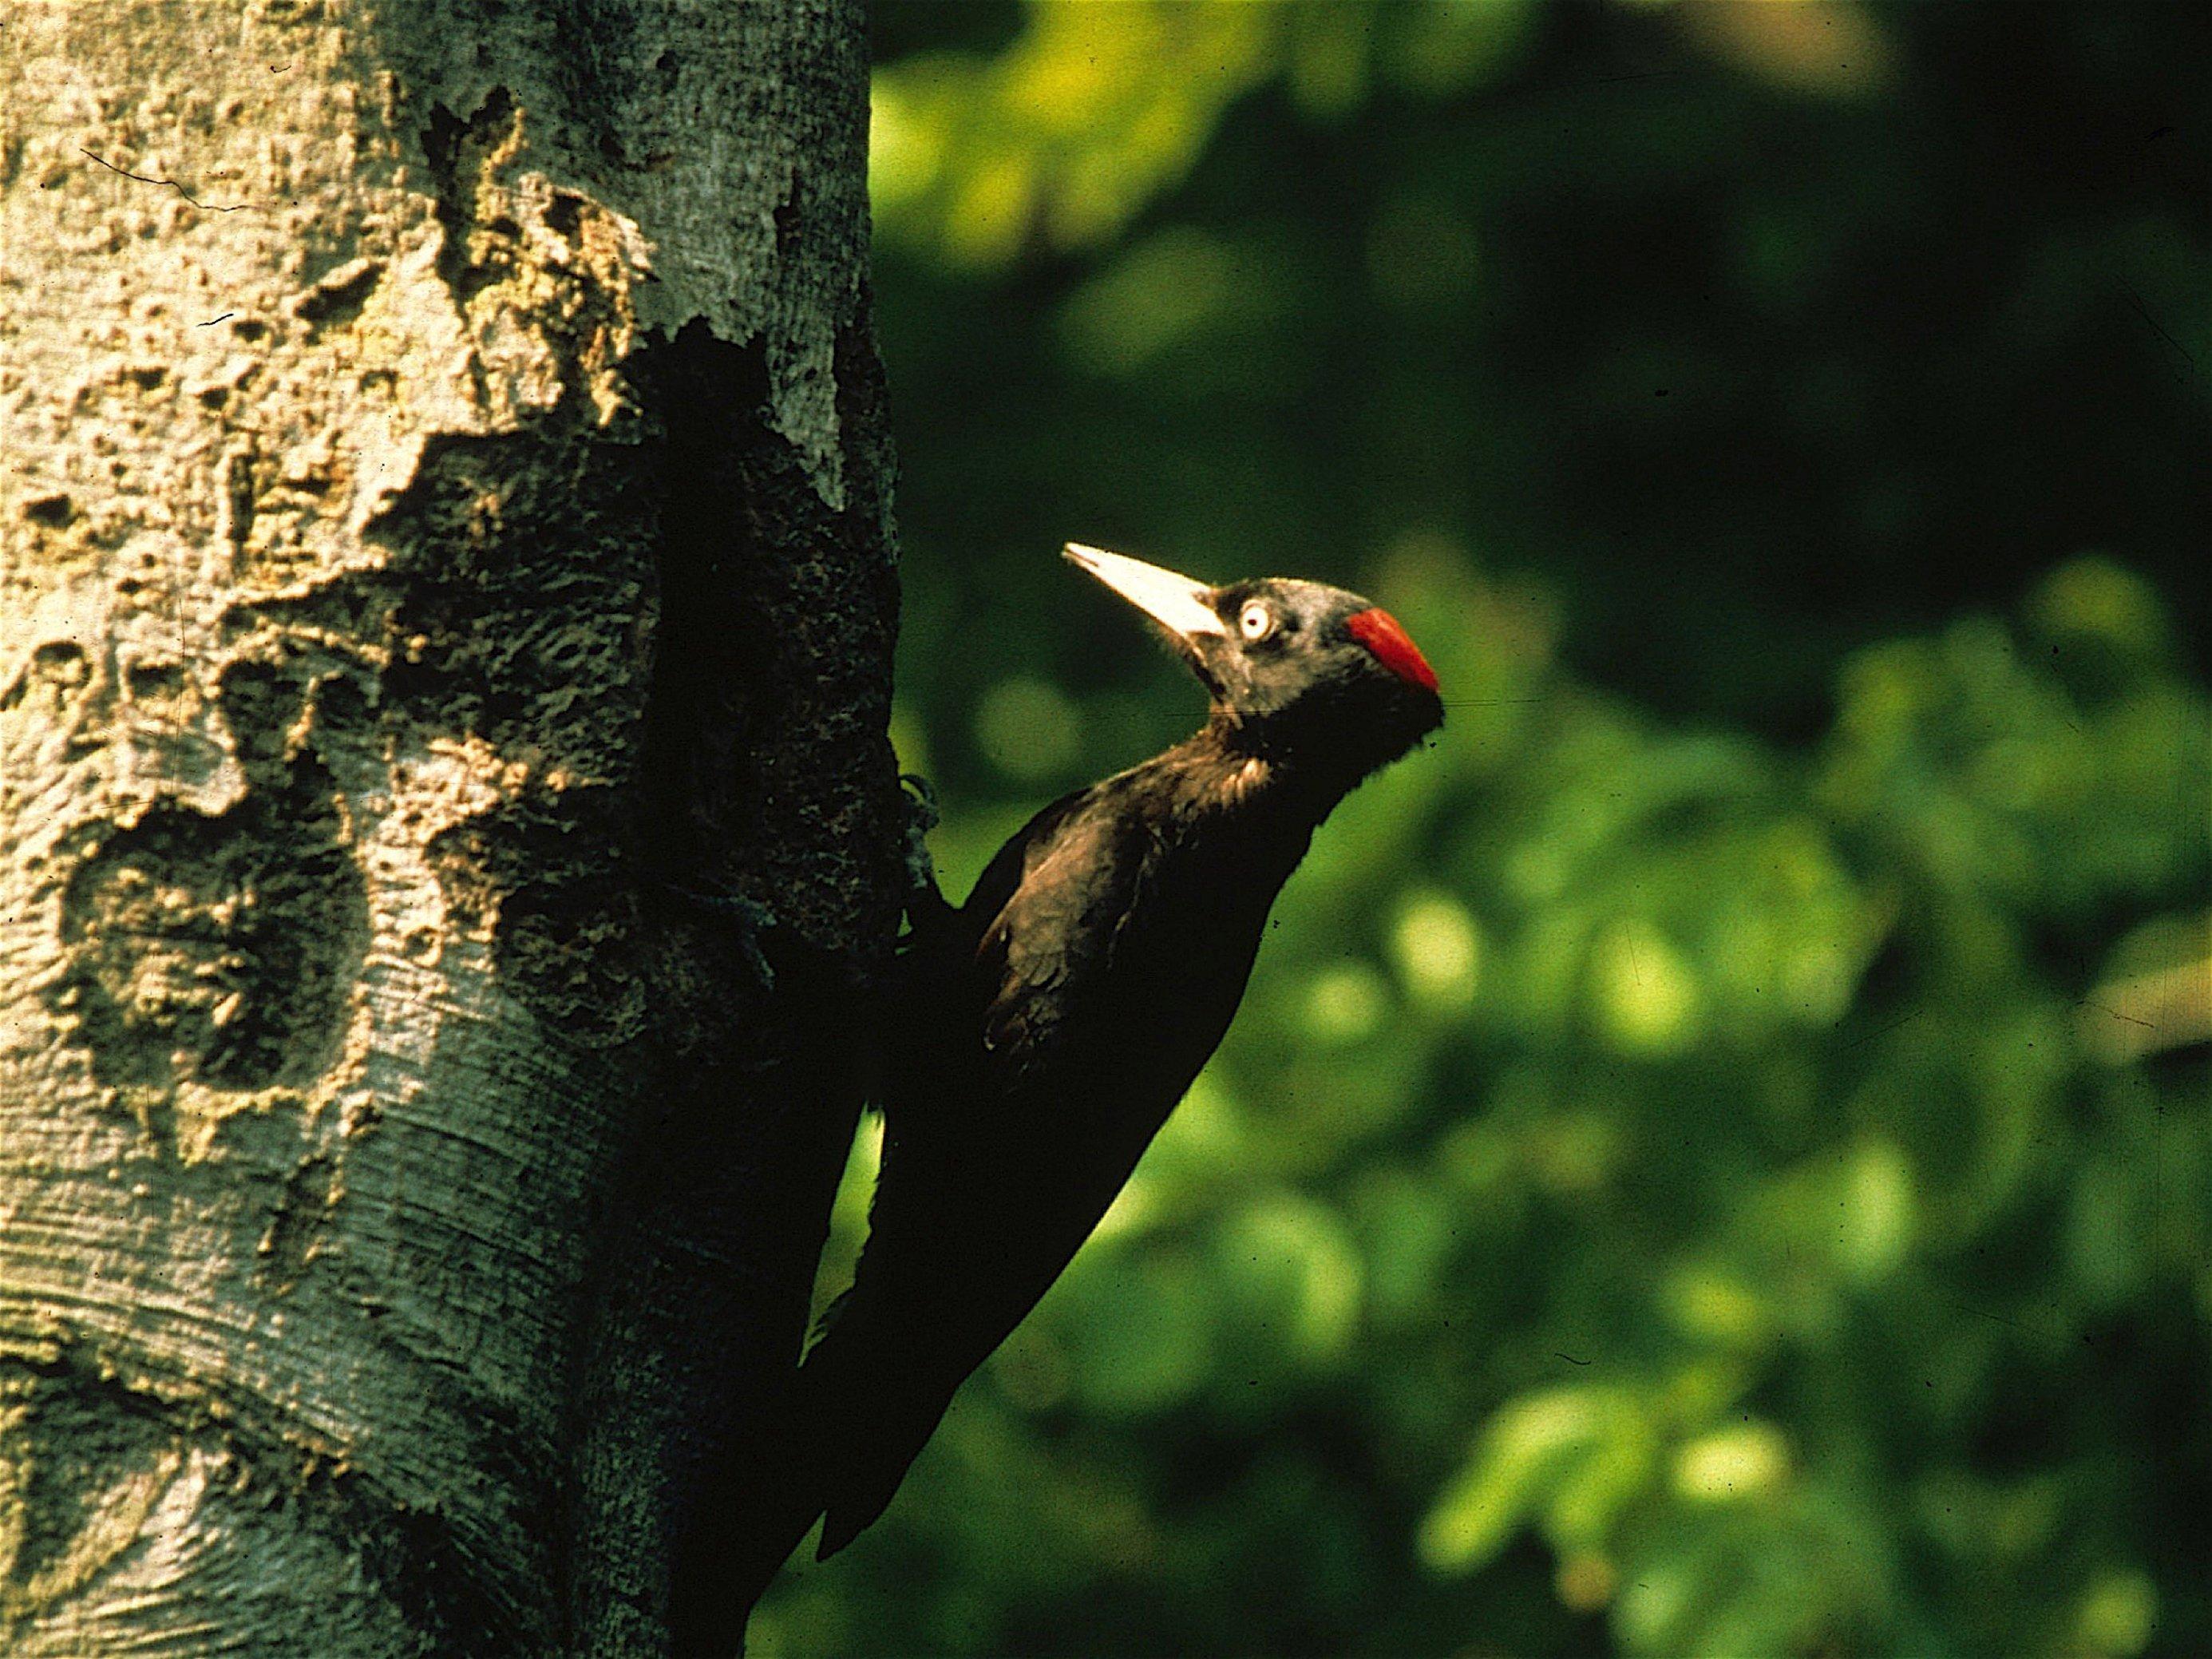 Ein Schwarzspecht sitzt an einem Baum, gleich wird sein Ruf within ertönen – zumindest lässt das Bild dies erahnen.